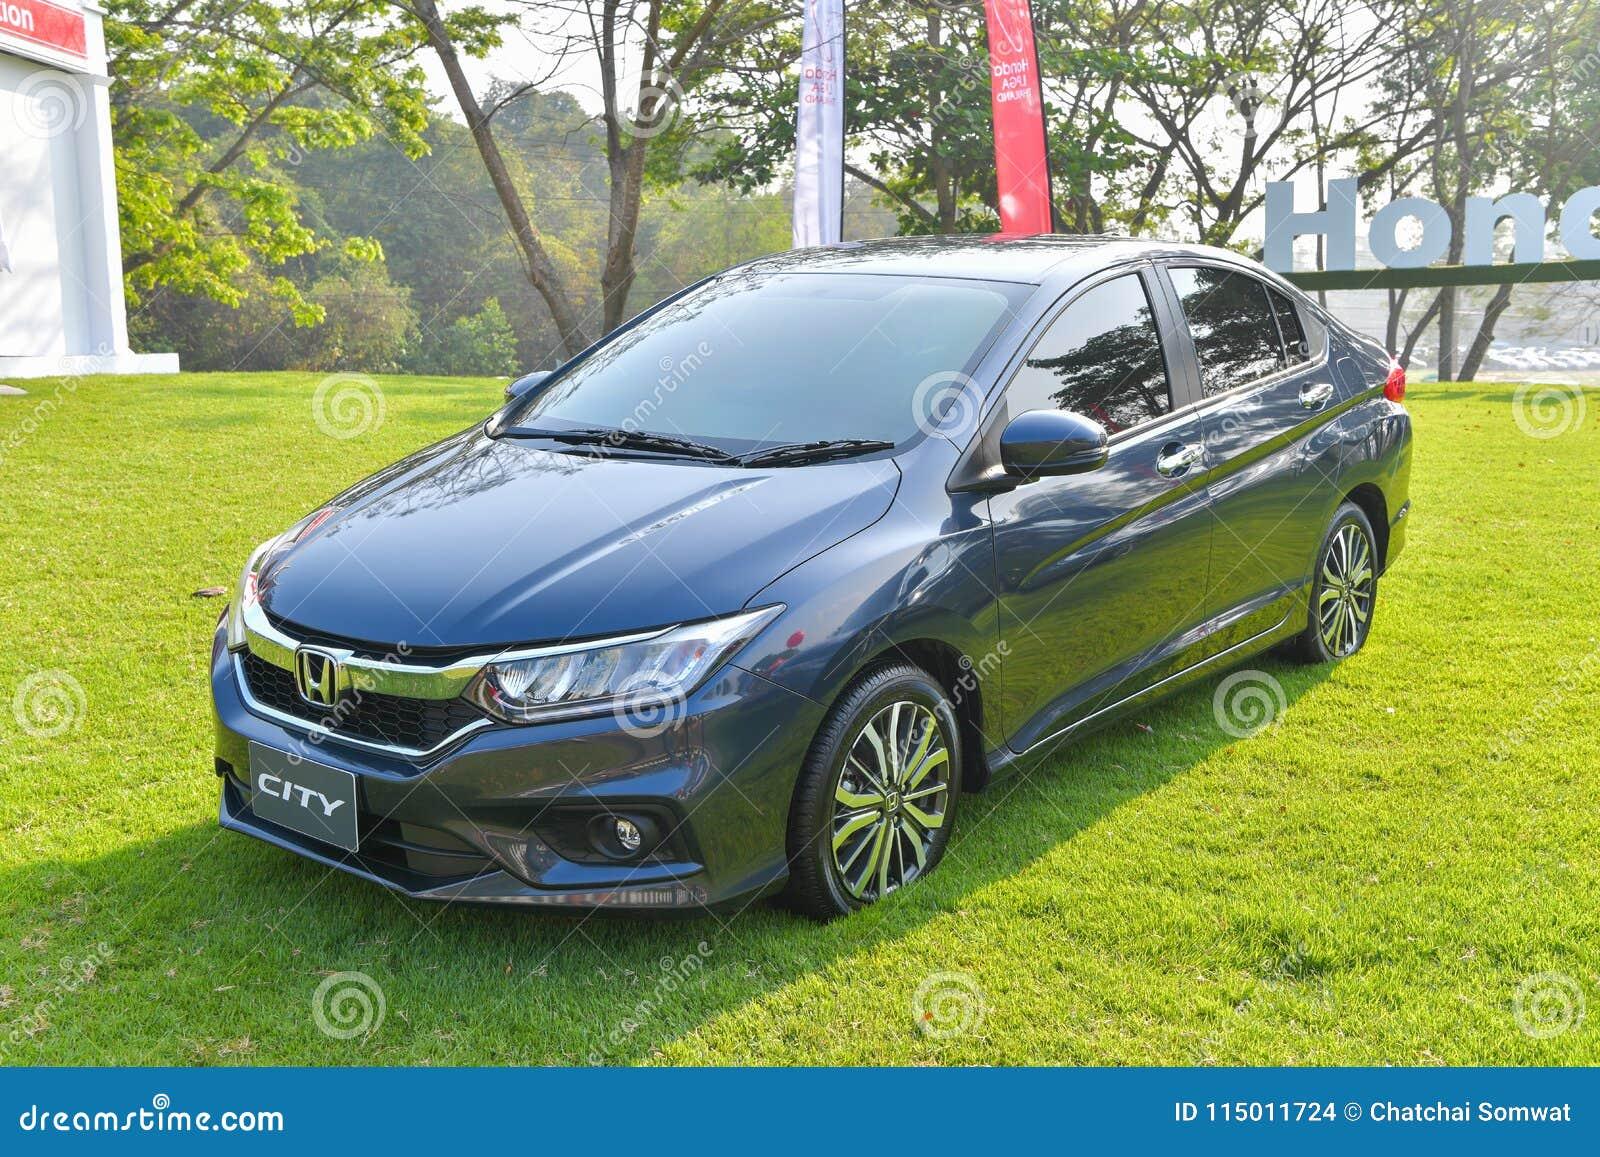 Honda City Car Course In Honda Lpga Thailand 2018 Editorial Stock